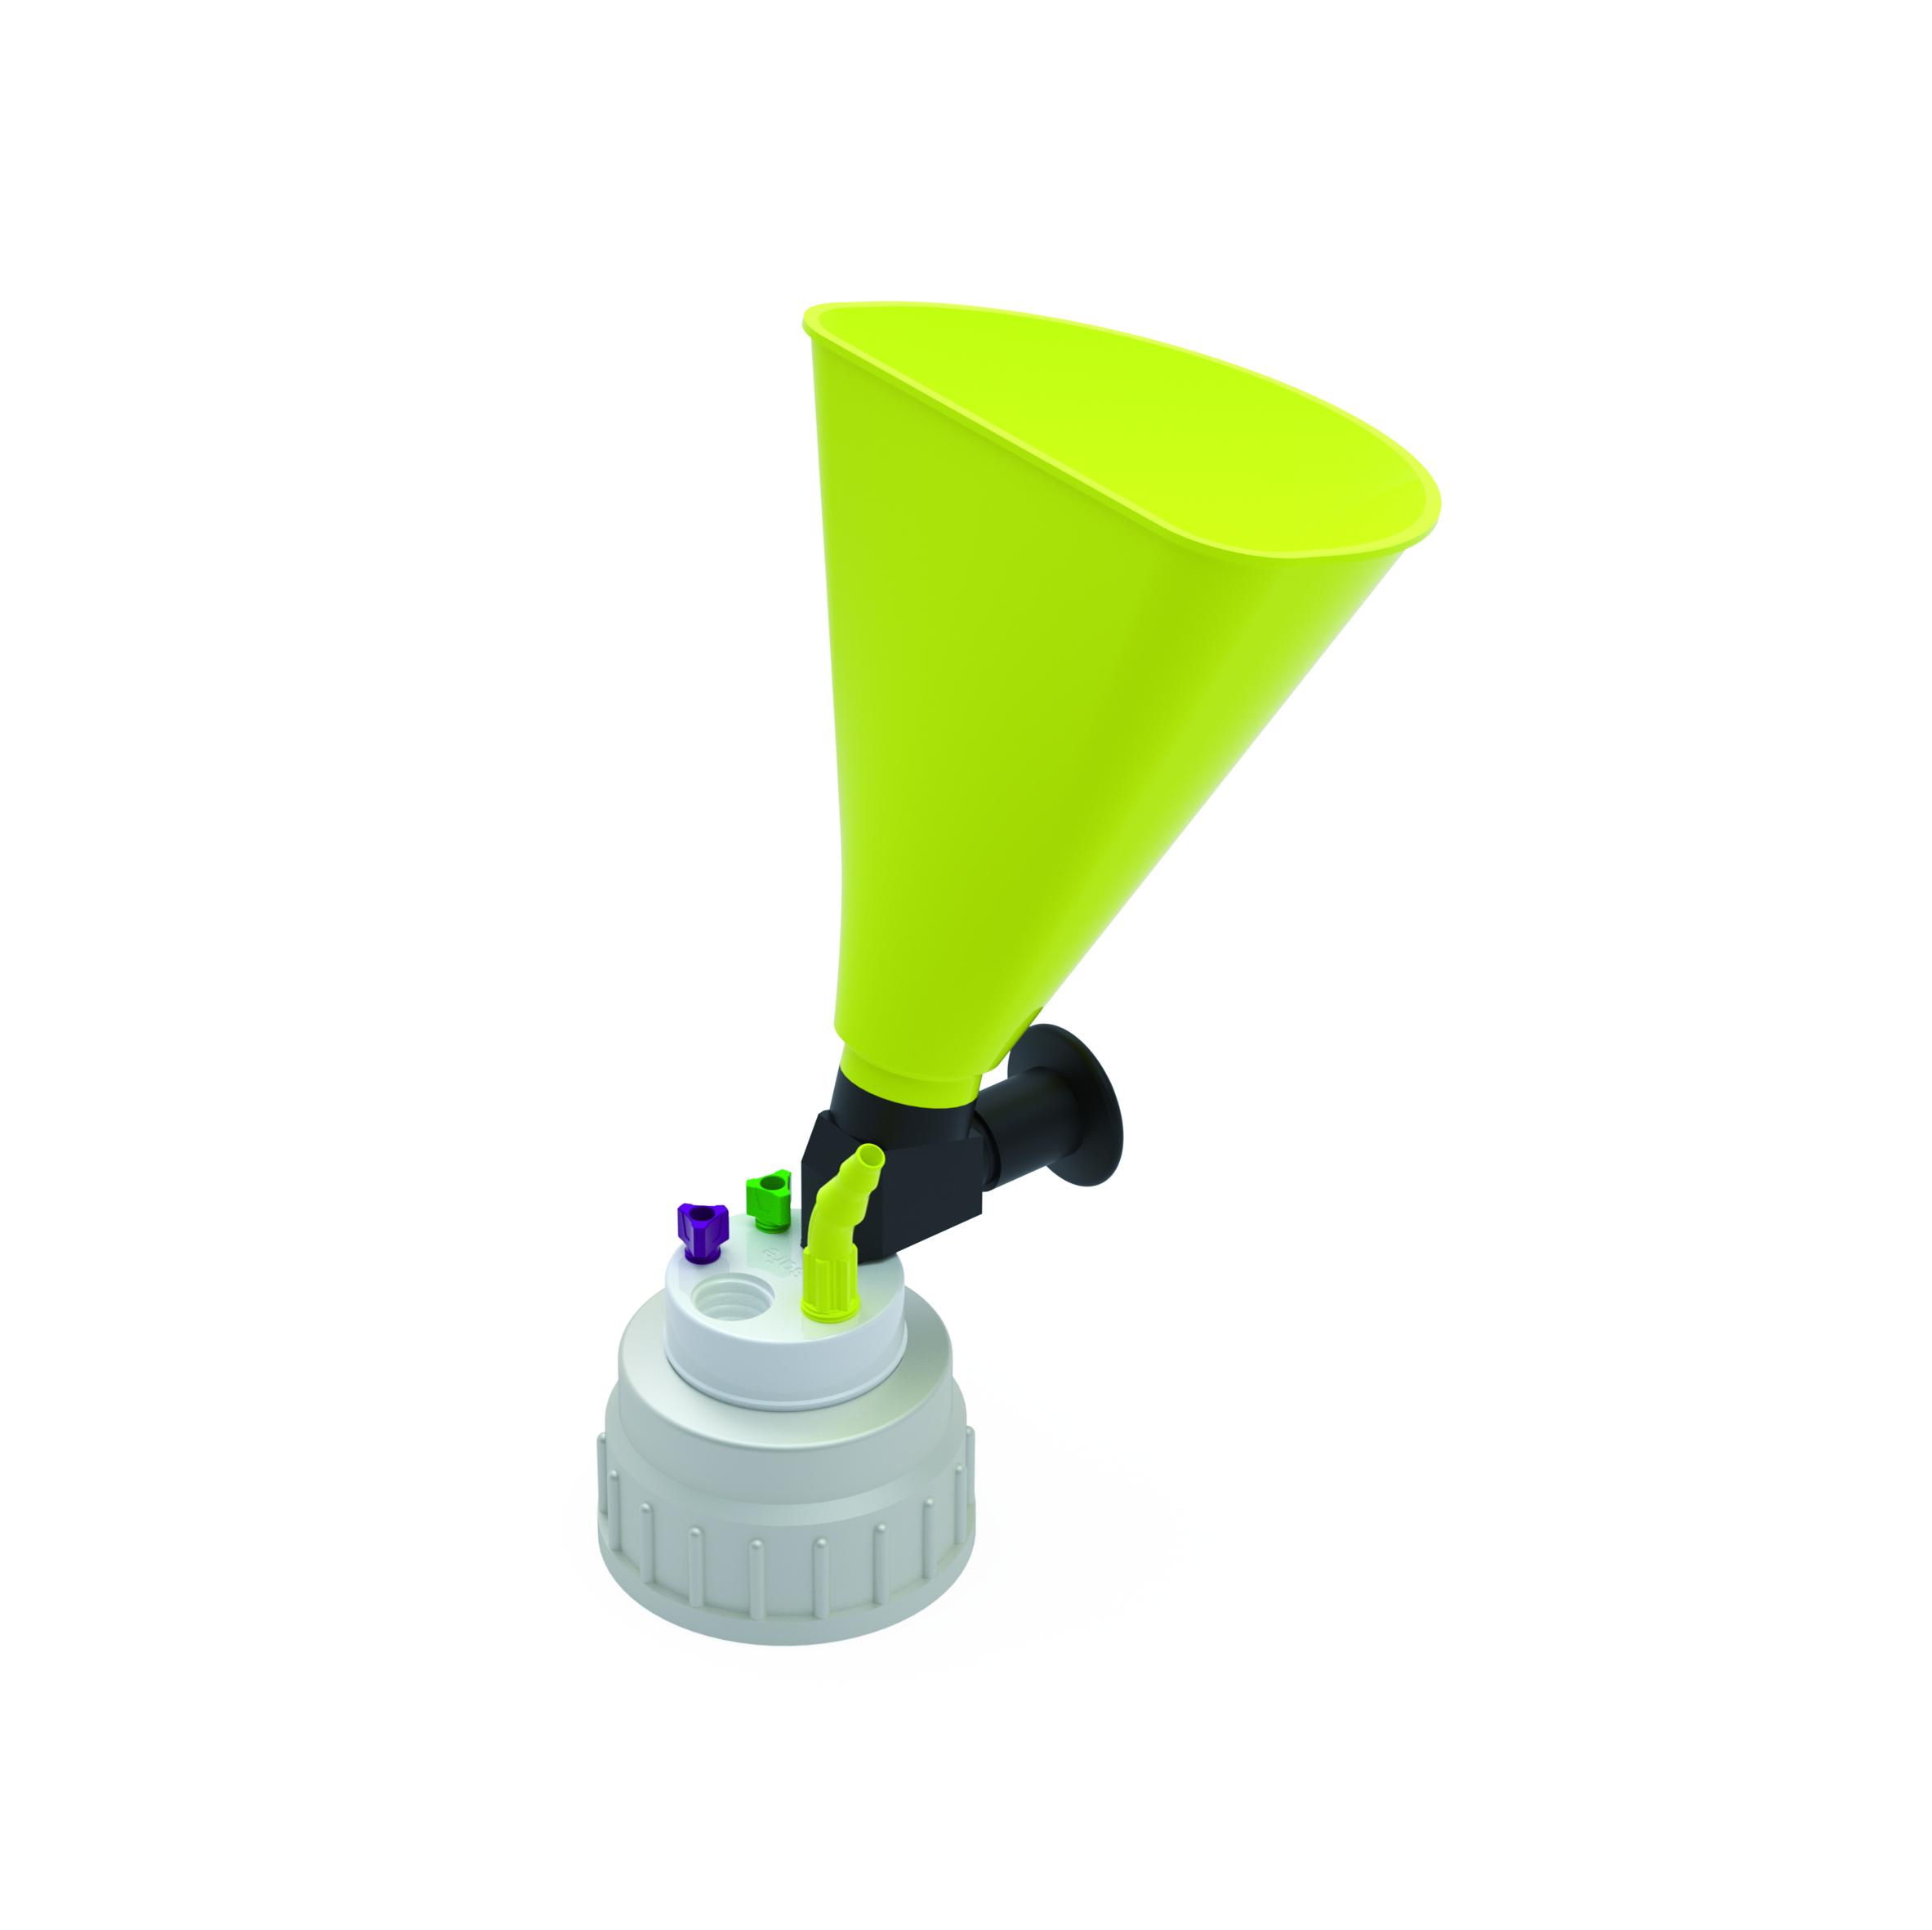 Waste Cap B53 mit Einfülltrichter  Schraubkappe aus PE für Gewinde B53, frei drehbarer Einsatz aus PTFE. Mit P